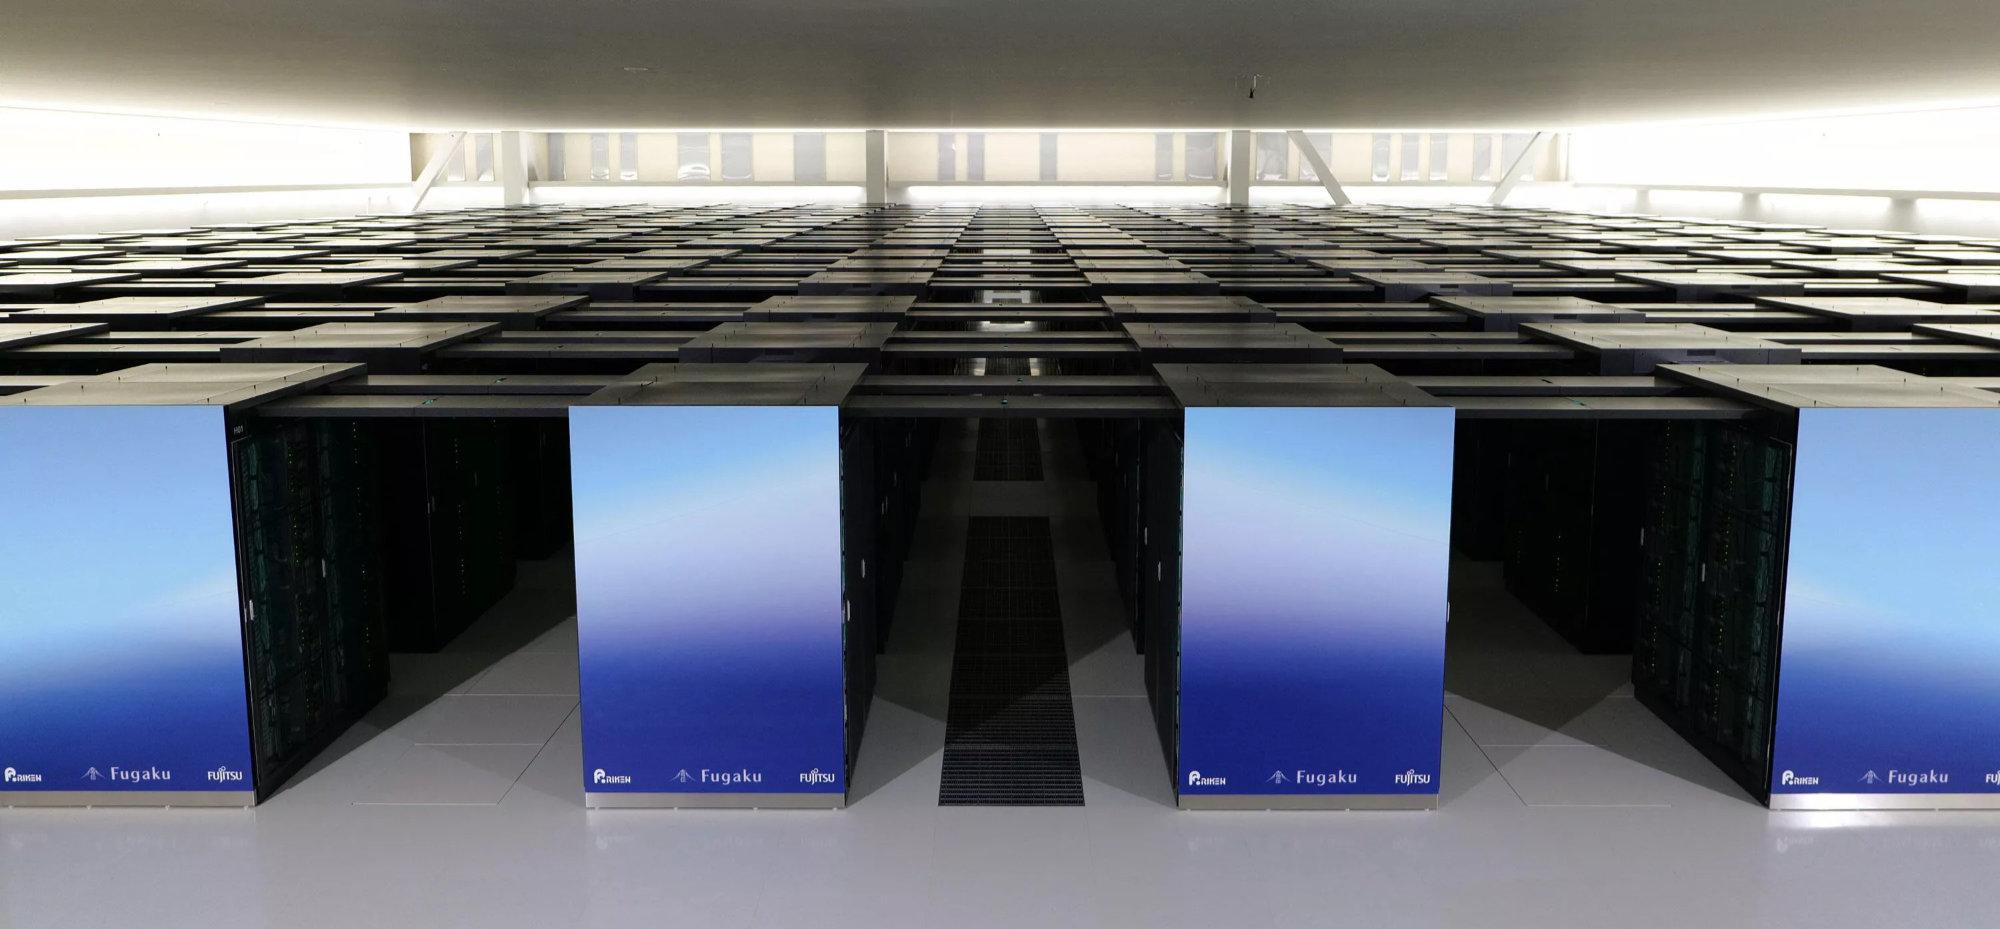 Le superordinateur le plus puissant (415 PFlops) tourne sous ARM